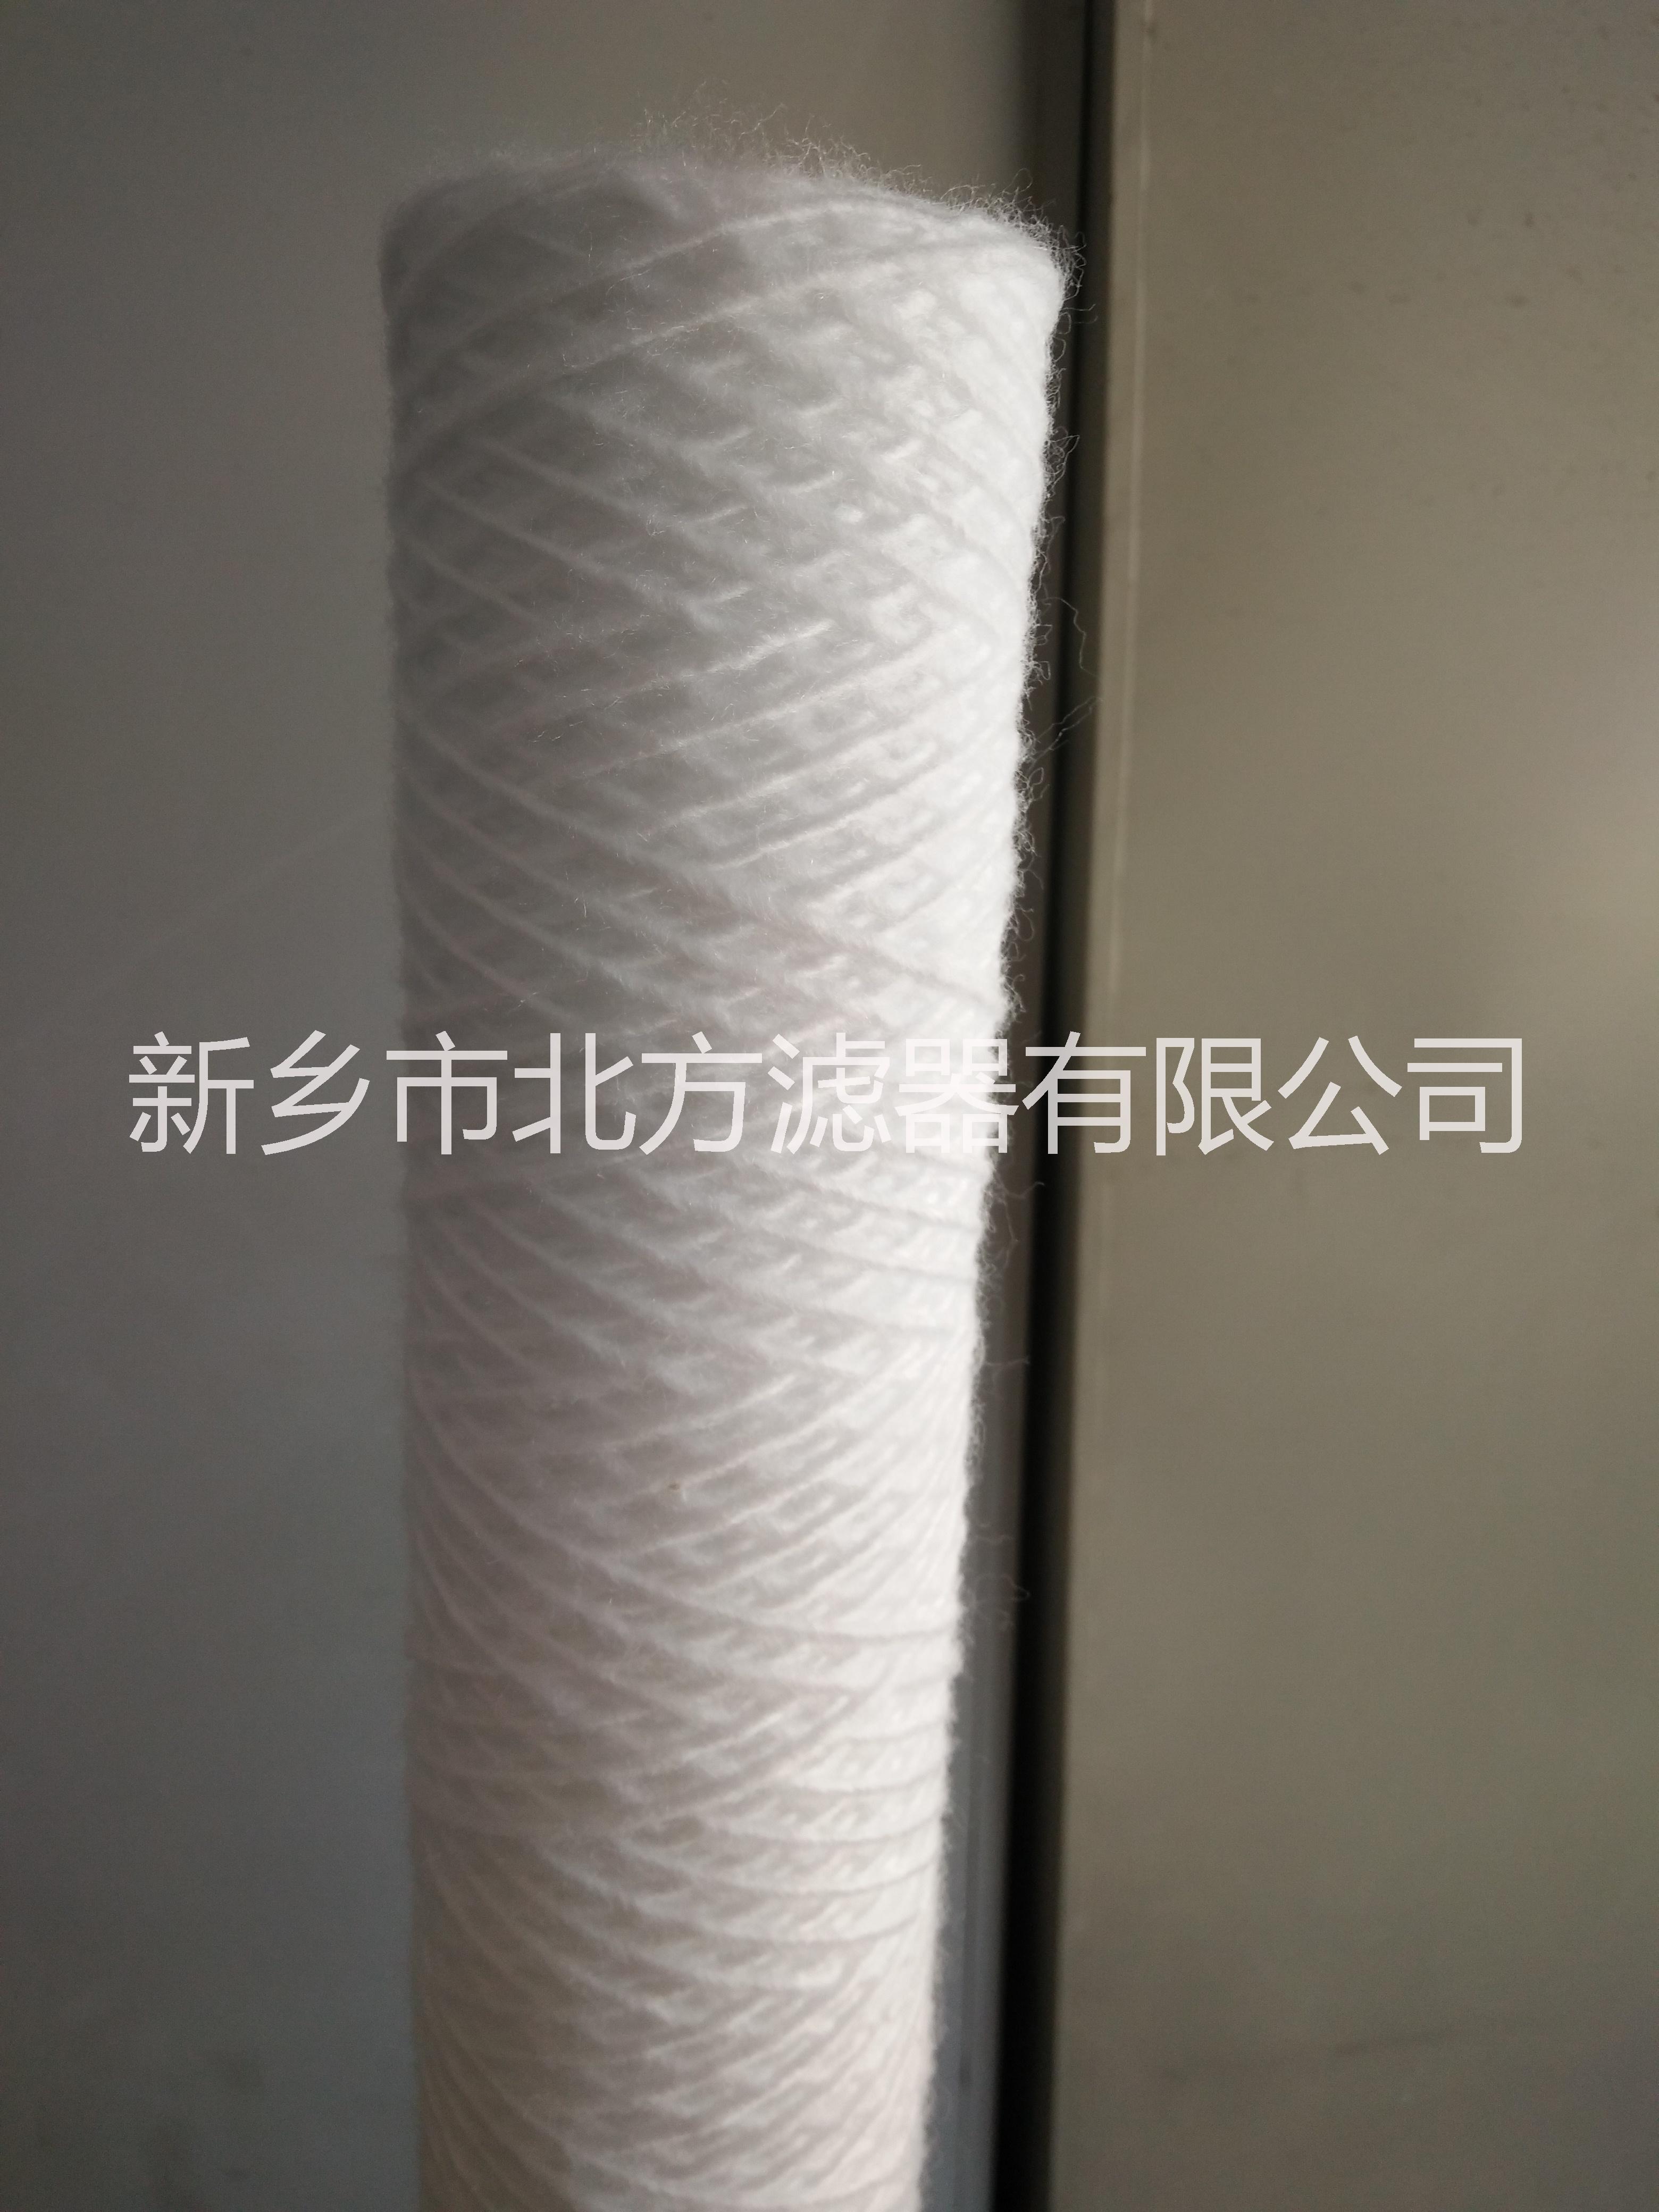 pp线绕滤芯生产厂家 线绕滤芯生产厂家 pp线绕滤芯 线绕滤芯厂家 脱脂棉线绕滤芯